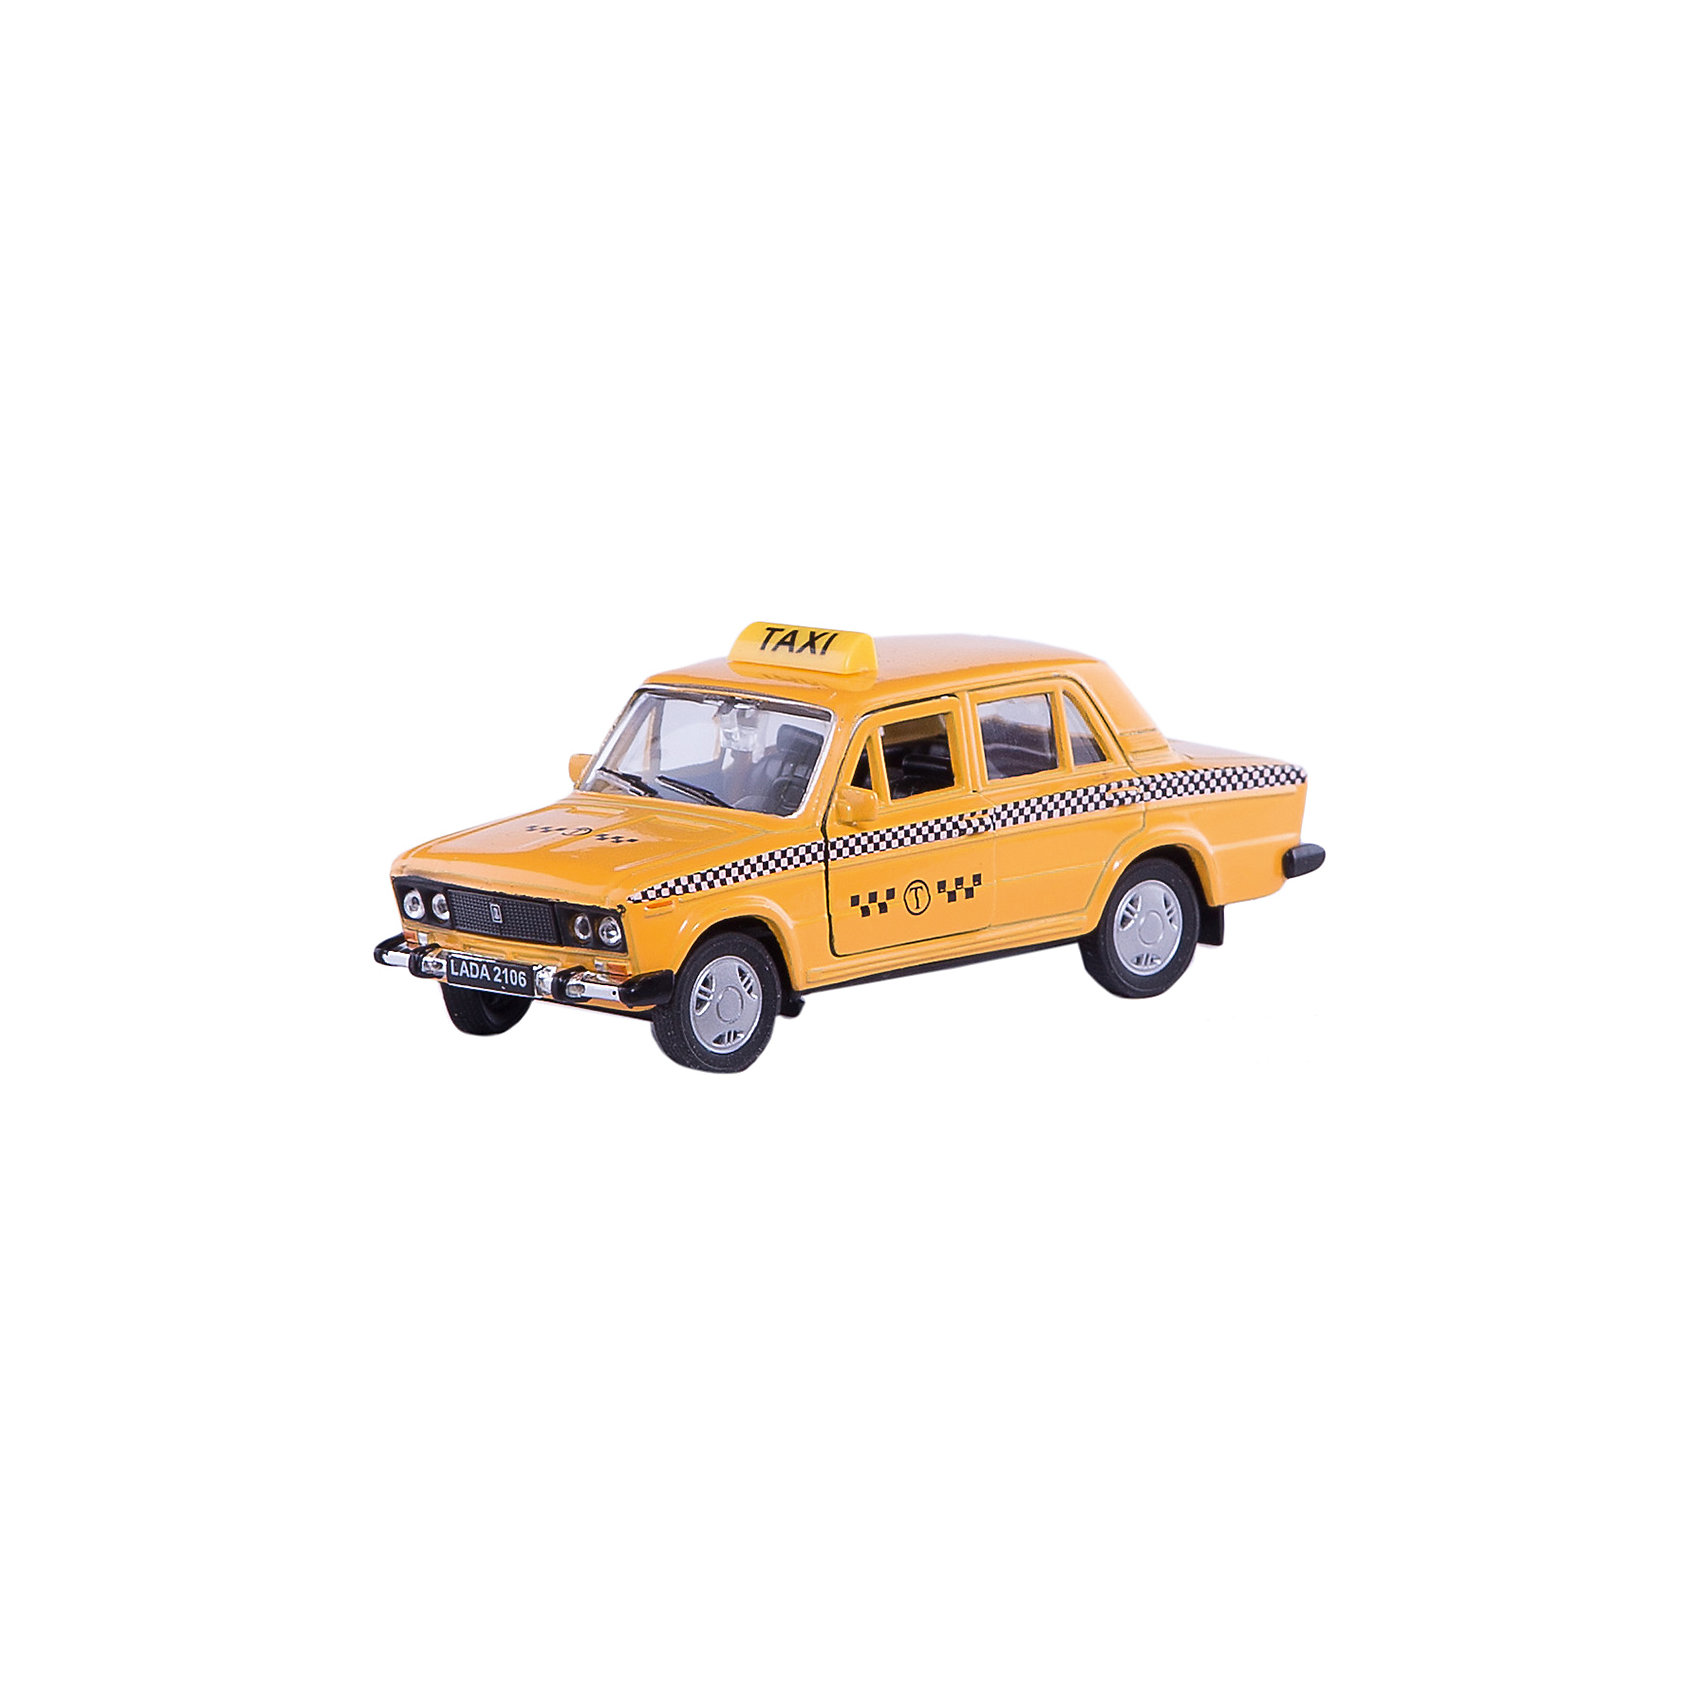 Welly Модель машины 1:34-39 LADA 2106 ТаксиWelly Модель машины 1:34-39 LADA 2106 Такси<br><br>Характеристики:<br><br>- Размер упаковки: 15х 6х12см.<br>- Материал: металл, пластик<br>- Инерционный механизм.<br>- Вес: 150 г.<br>- Цвет: желтый.<br> <br>Welly Модель машины 1:34-39 LADA 2106 Такси, от известного бренда Welly (Велли) - миниатюрная копия настоящего автомобиля в масштабе 1:34-39. Модель изготовлена из литого металла и пластика. У машинки открывается капот, багажник и двери, а передние колеса можно поворачивать с помощью руля. Игрушка оснащена инерционным ходом. Машинку необходимо отвести назад, затем отпустить - и она быстро поедет вперед. Реалистичный дизайн этой машинки понравится ребенку и машинка станет отличным пополнением коллекции. Машинка предназначена для развития моторики рук, внимания и воображения.<br><br>Модель машины Welly 1:34-39 LADA 2106 Такси, можно купить в нашем интернет – магазине.<br><br>Ширина мм: 60<br>Глубина мм: 140<br>Высота мм: 110<br>Вес г: 185<br>Возраст от месяцев: 84<br>Возраст до месяцев: 1188<br>Пол: Мужской<br>Возраст: Детский<br>SKU: 2150190